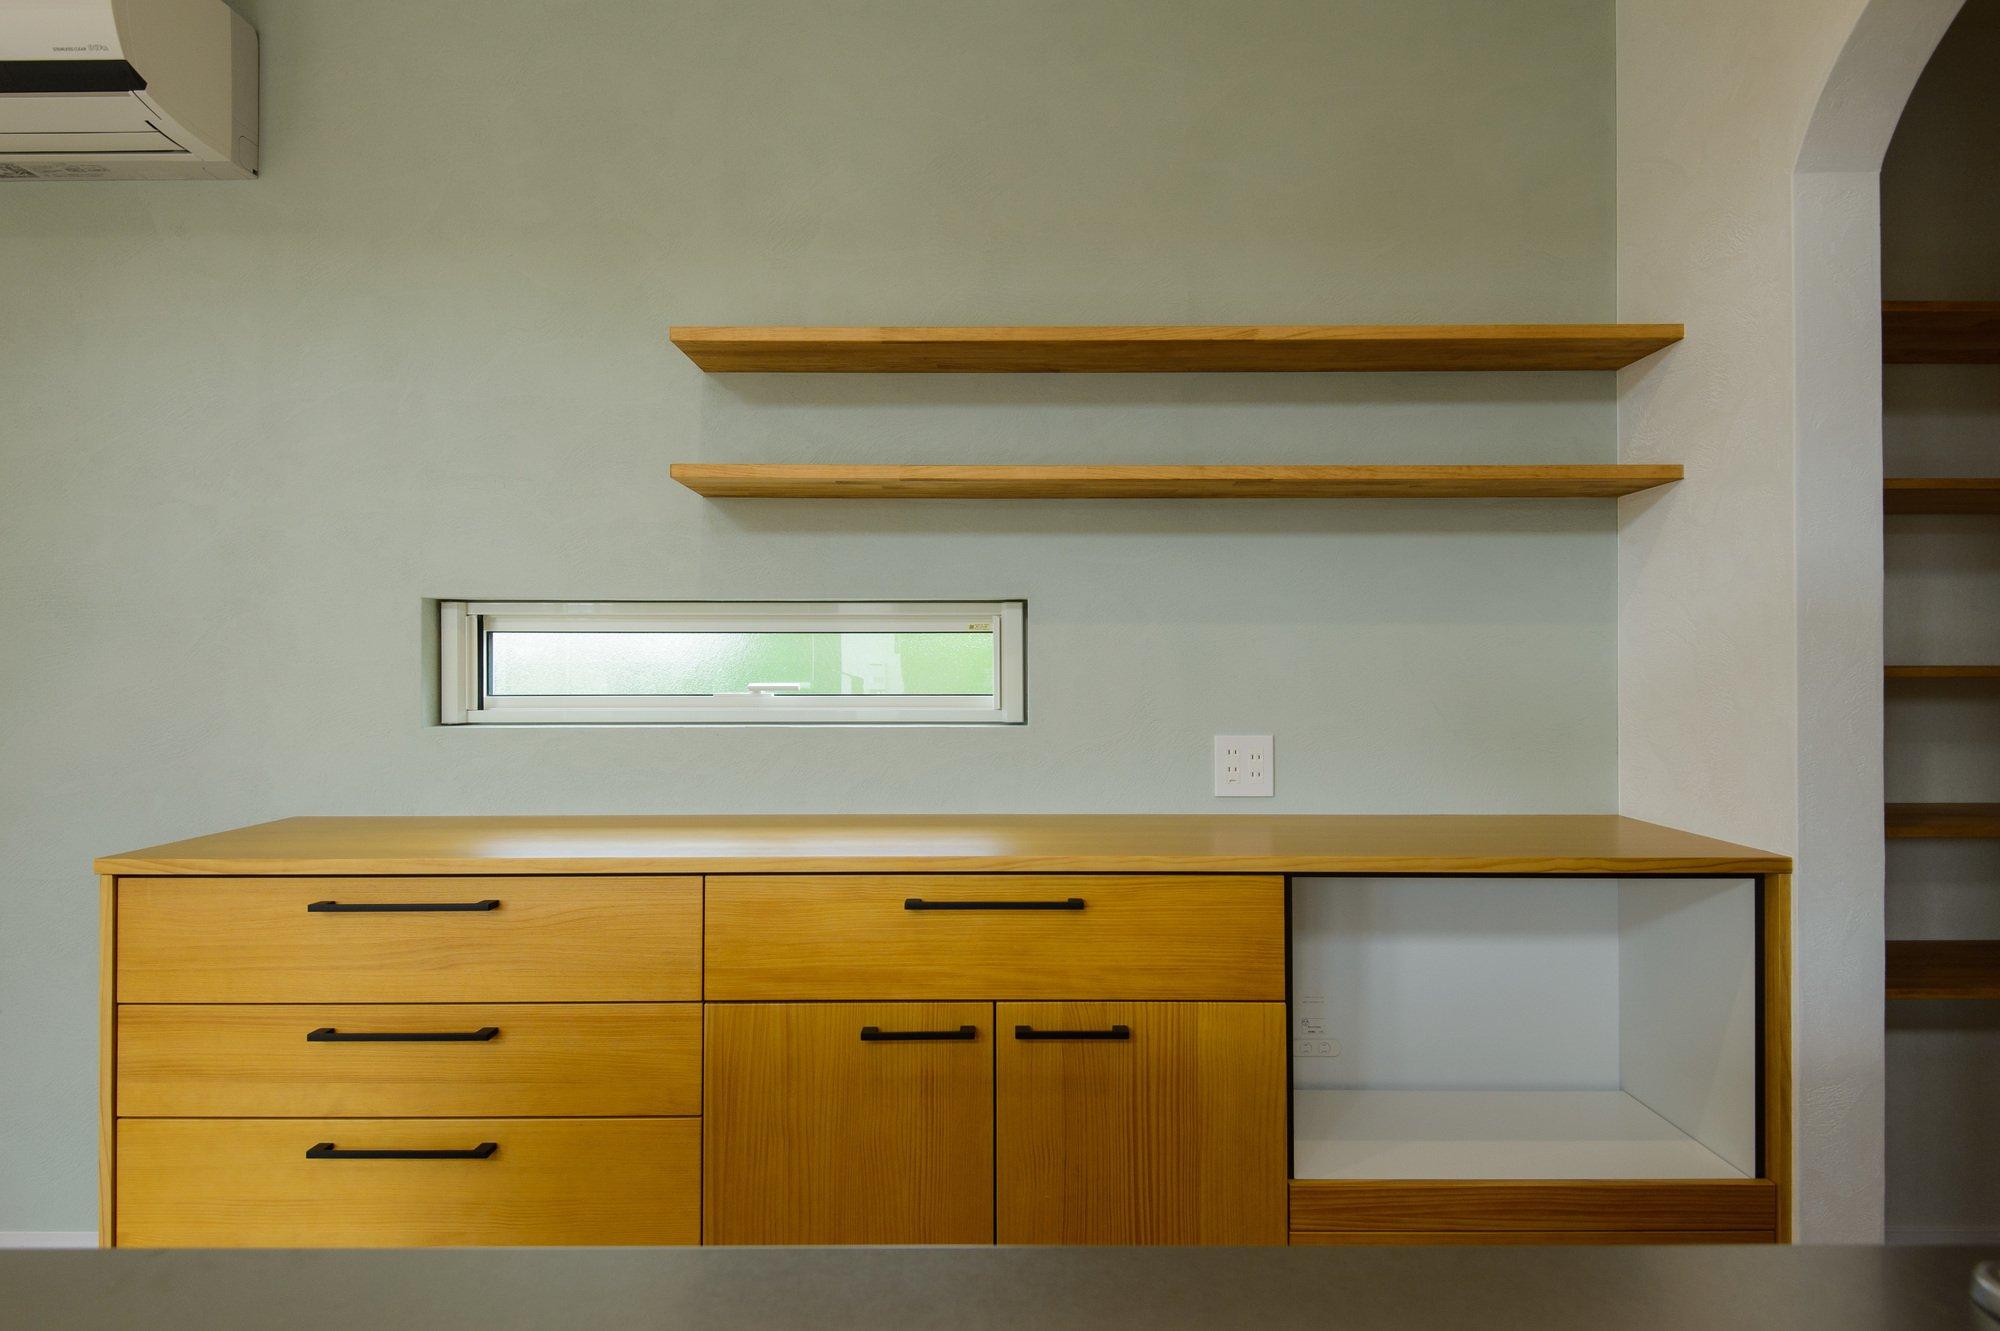 抜き差しするキッチン家電は動線を考慮する